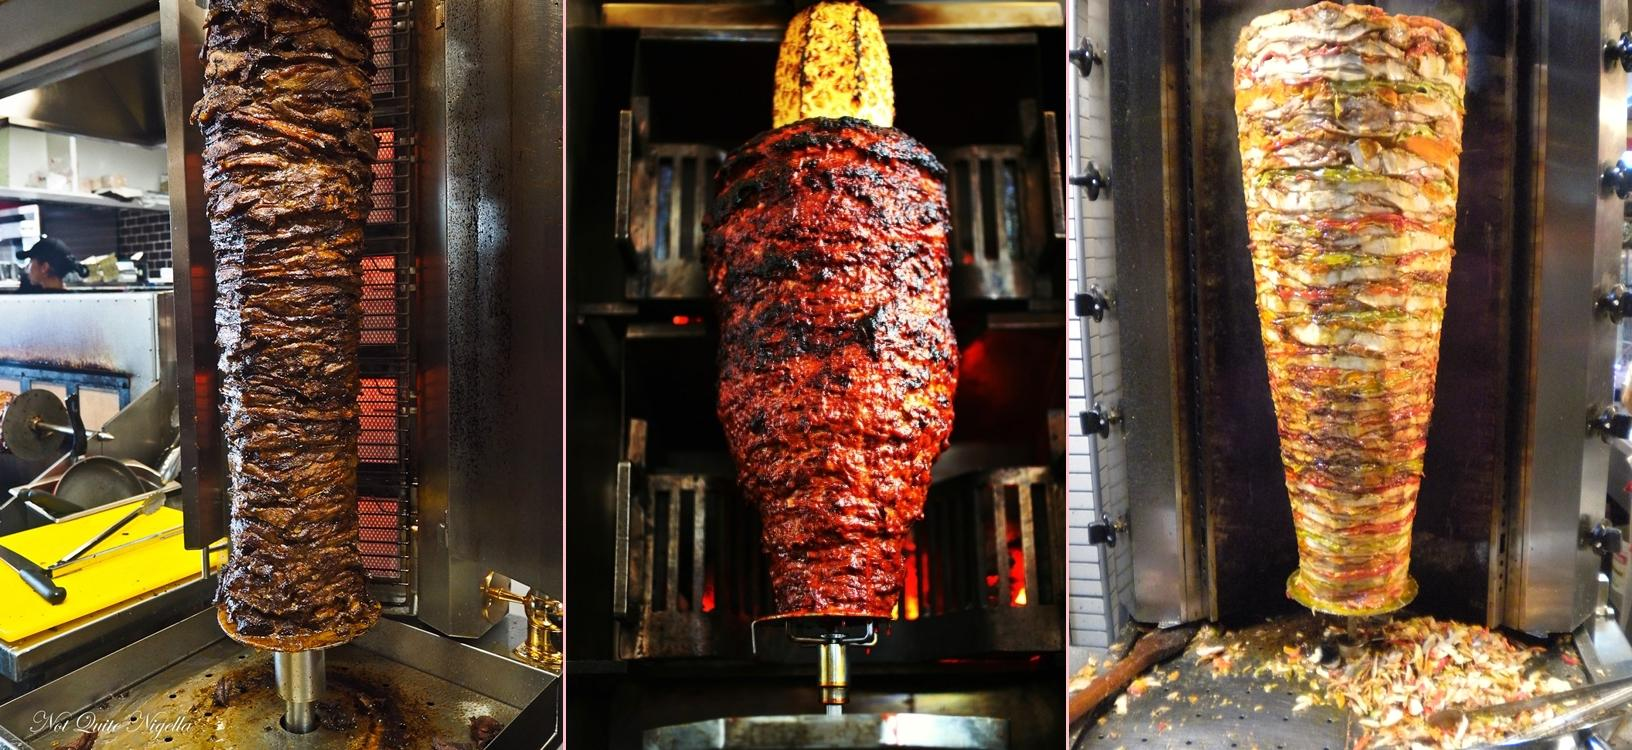 Yunan Mutfağının Aslında Bizim Mutfak Olduğunun Kanıtı 7 Yemek